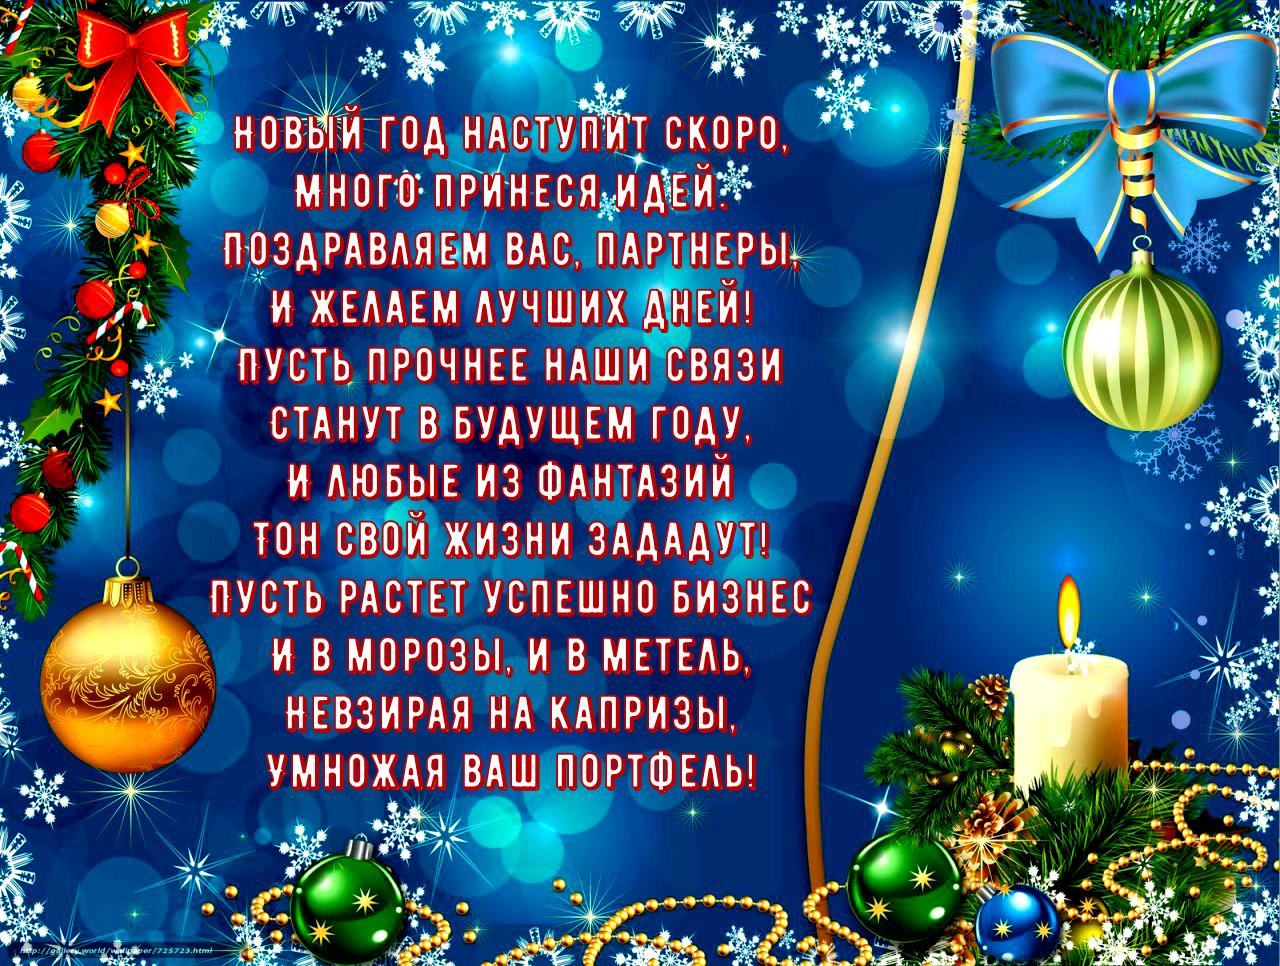 Смешное поздравление коллеги с новым годом